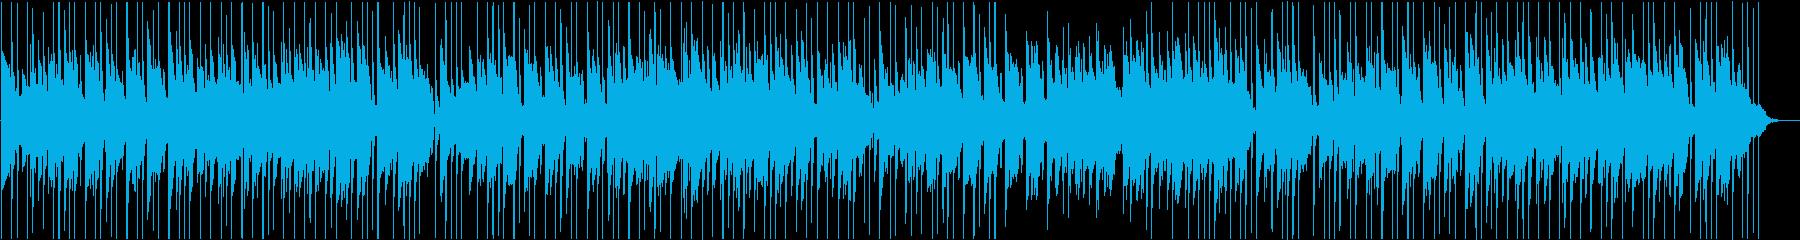 ★★都市伝説✡オルゴール✡Lo-Fi★Jの再生済みの波形